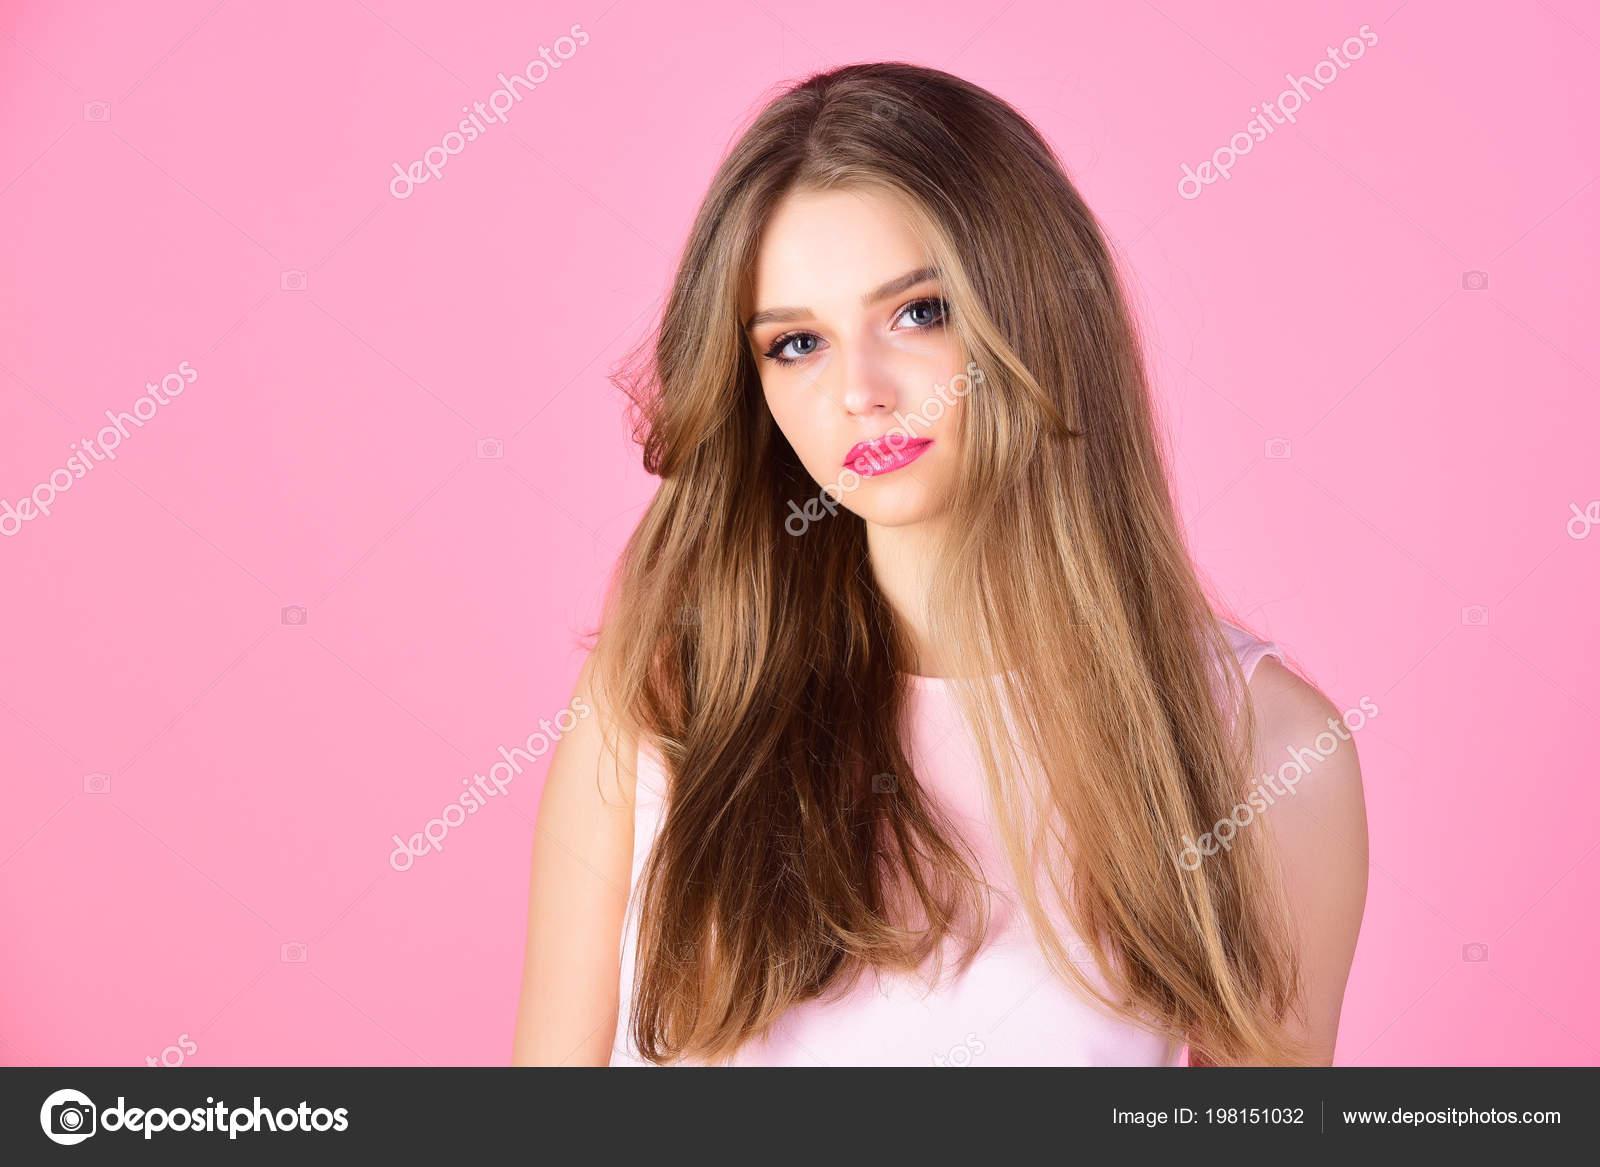 Maquillage Pour Le Modele Sensuel Avec Une Peau Douce Concept De